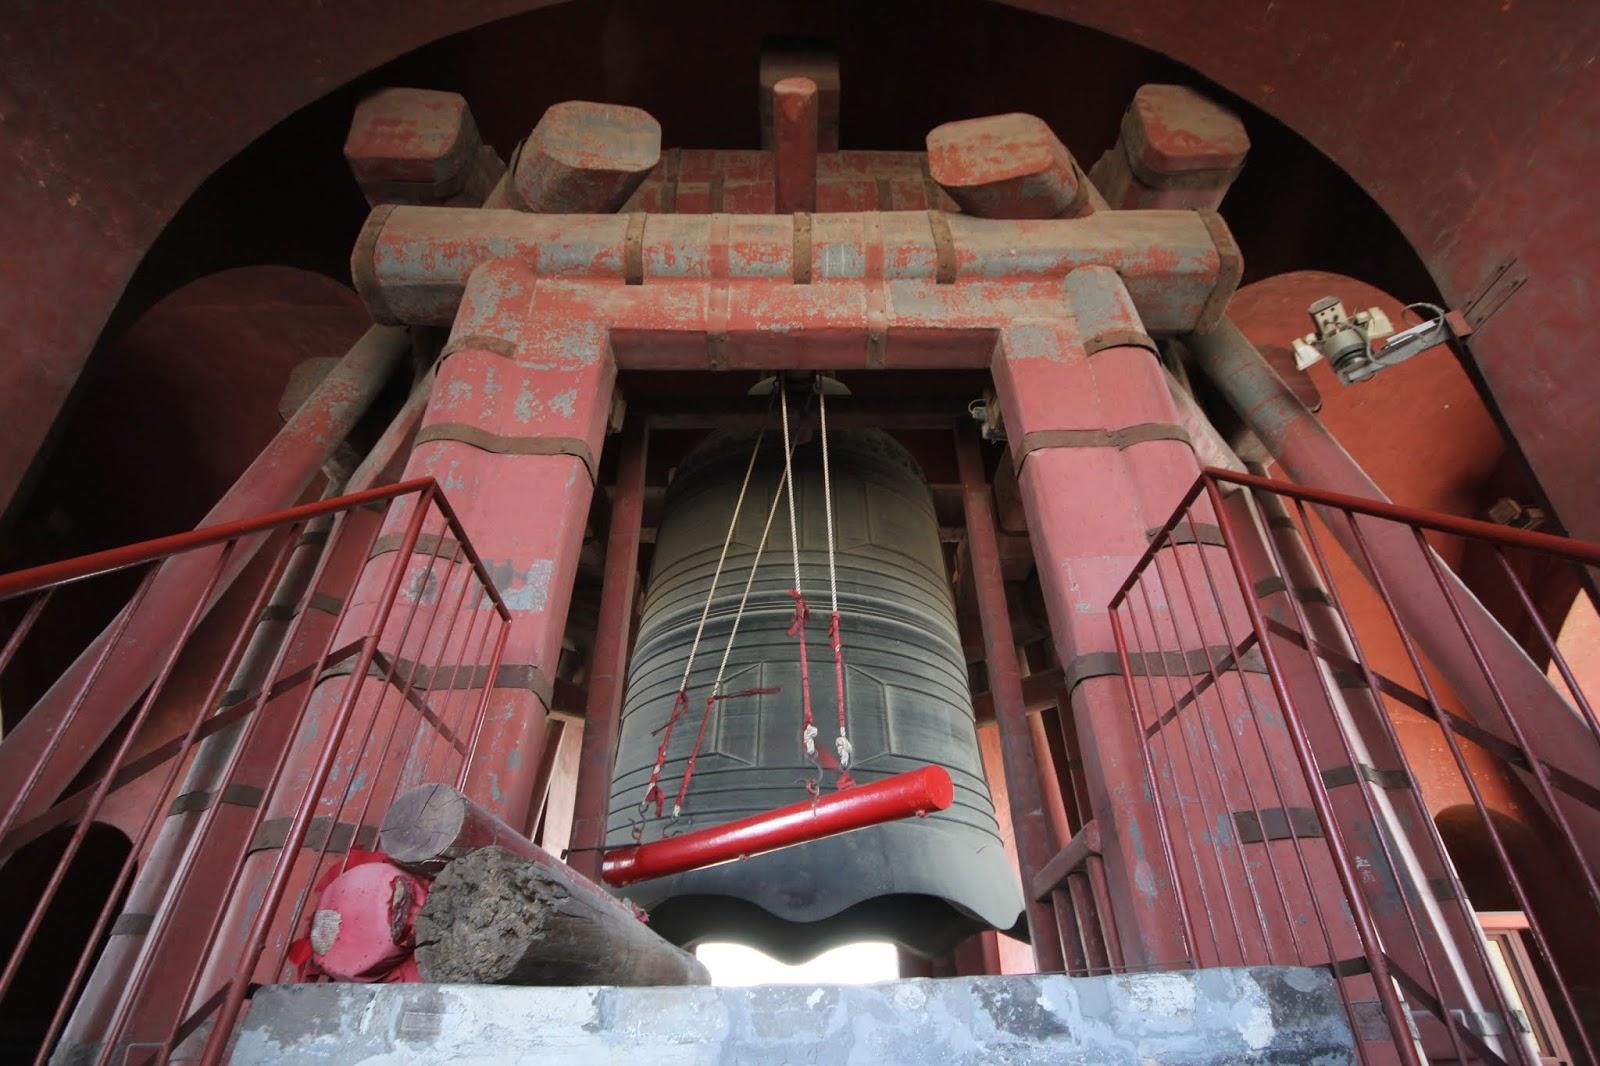 Torre do Sino, em Pequim, China, ilustra este post sobre o Shijing, o Livro das Canções.